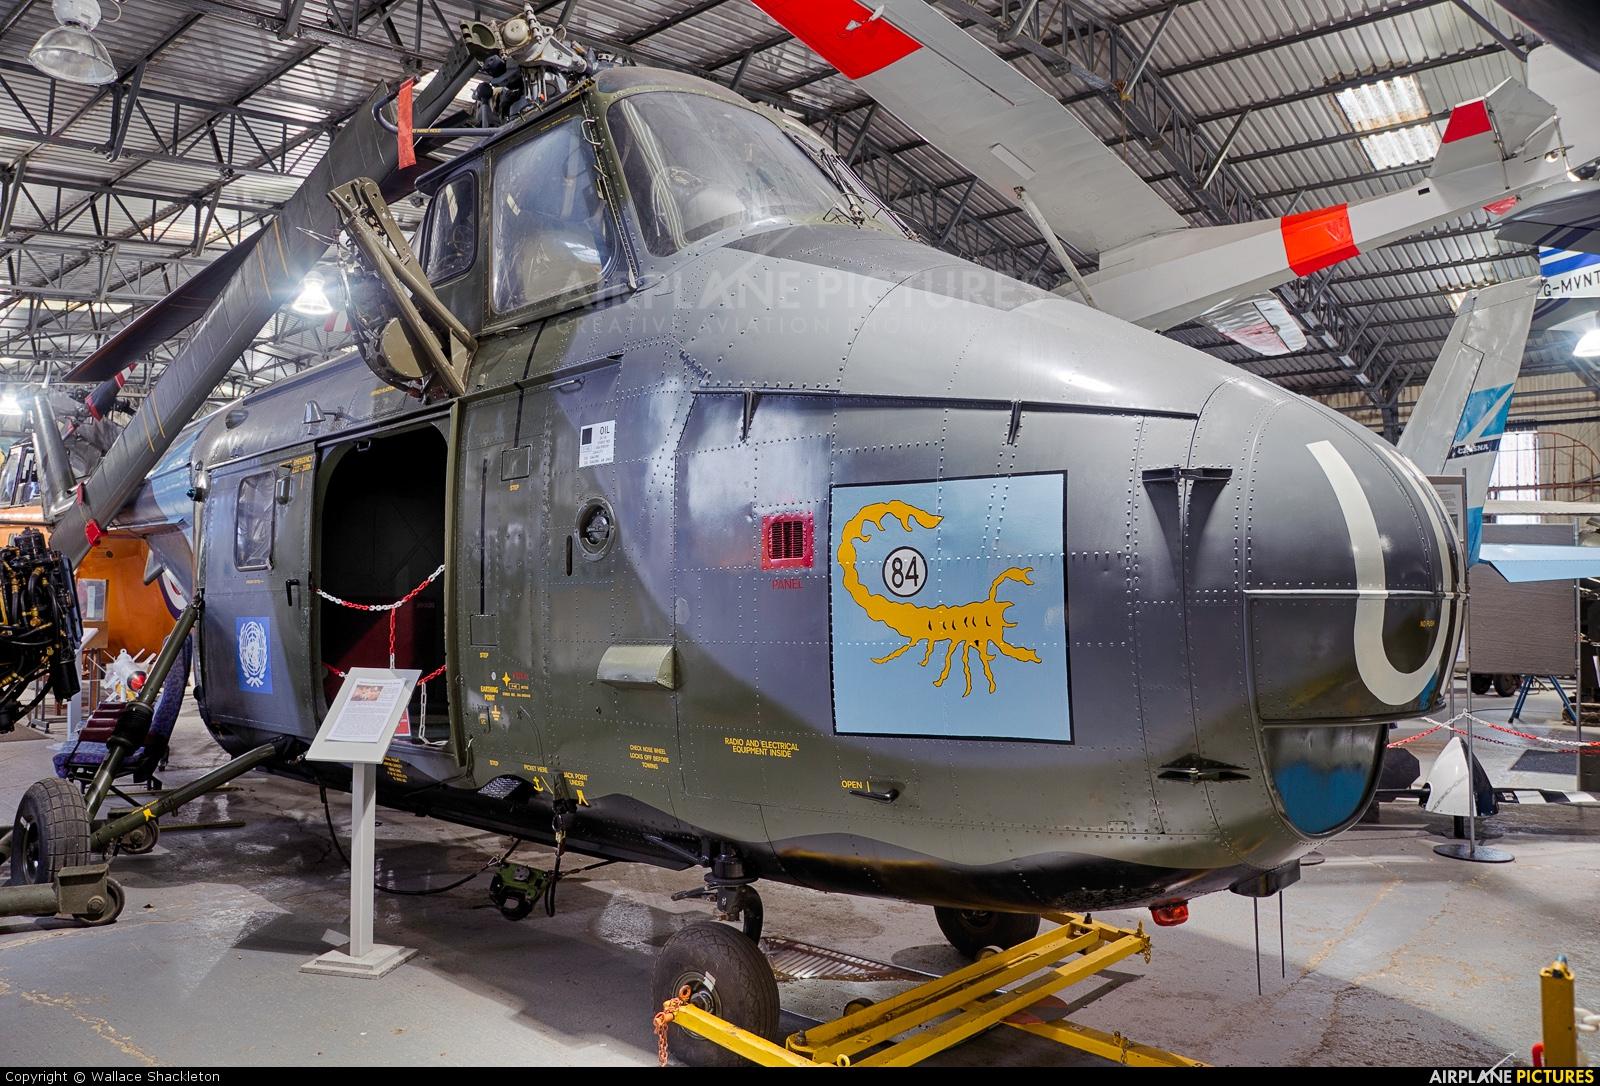 Royal Air Force XP345 aircraft at Doncaster SYAM